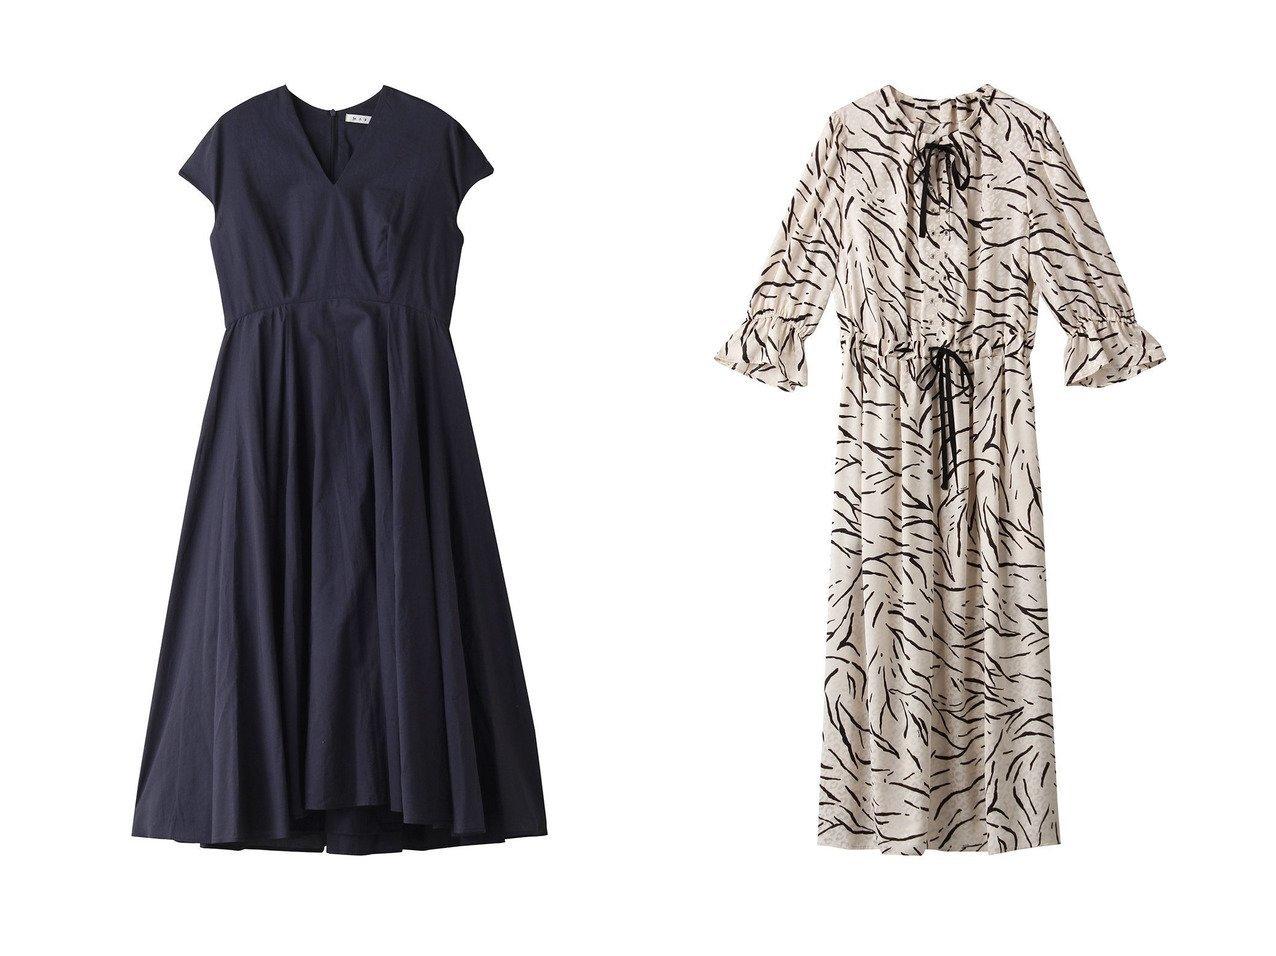 【martinique/マルティニーク】の【MARIHA】別注 春の月のドレス&【MUVEIL/ミュベール】のゼブラプリントワンピース 【ワンピース・ドレス】おすすめ!人気、トレンド・レディースファッションの通販 おすすめで人気の流行・トレンド、ファッションの通販商品 メンズファッション・キッズファッション・インテリア・家具・レディースファッション・服の通販 founy(ファニー) https://founy.com/ ファッション Fashion レディースファッション WOMEN ワンピース Dress ドレス Party Dresses エアリー ドレス パーティ フィット フレア ロング 再入荷 Restock/Back in Stock/Re Arrival 別注 春 Spring アンダー プリント |ID:crp329100000033726